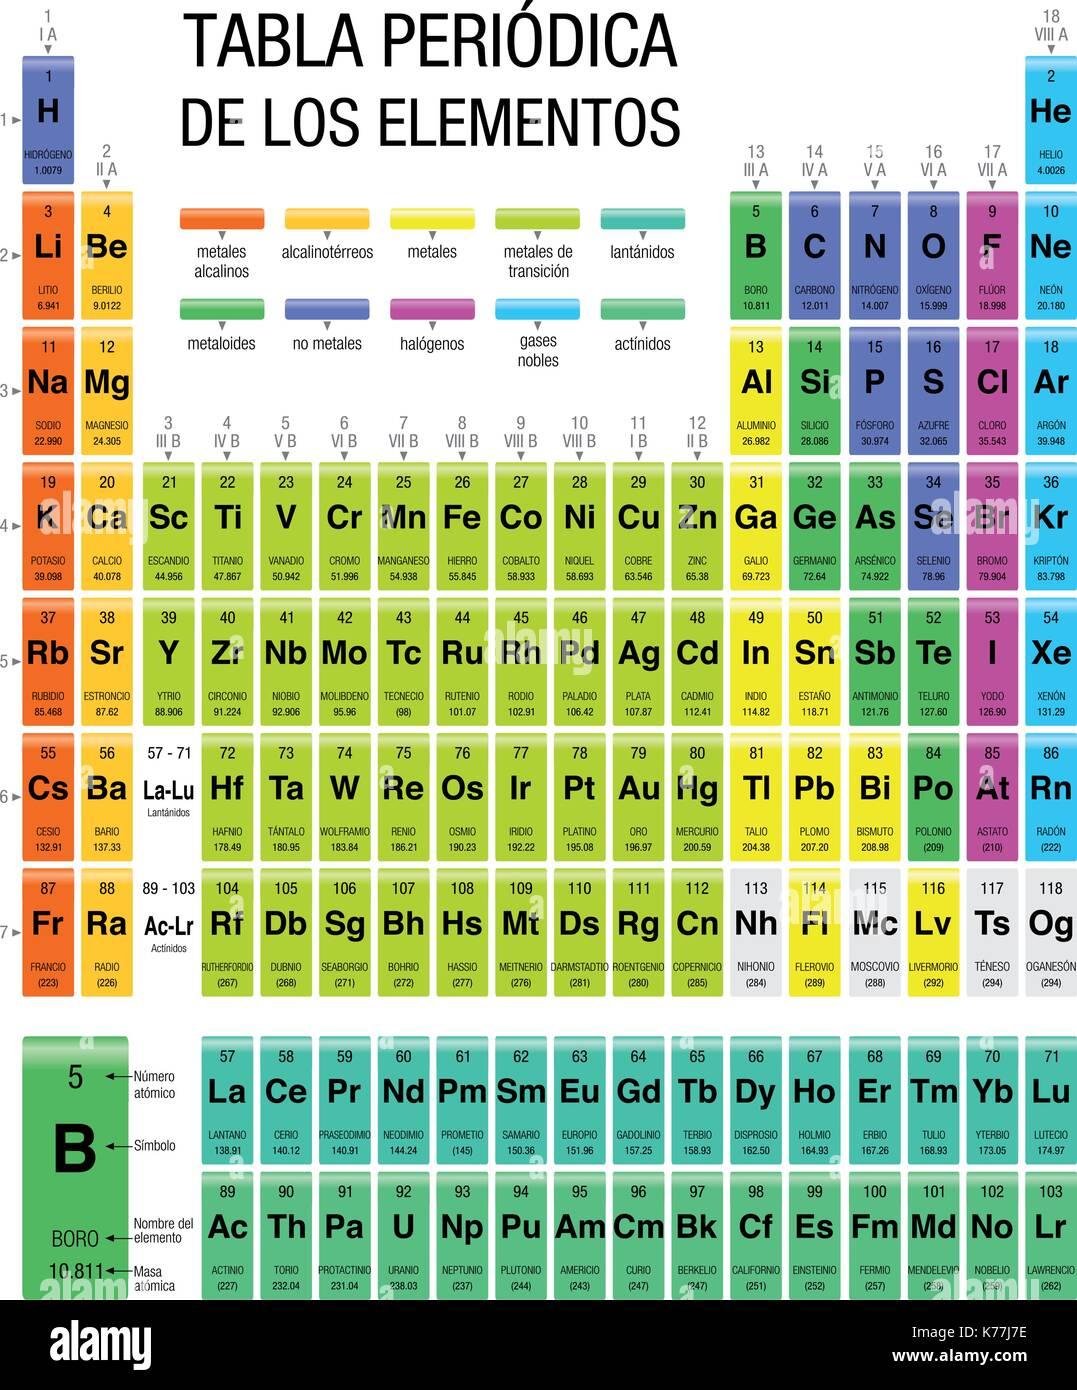 Tabla periodica de los elementos tabla peridica de elementos en tabla periodica de los elementos tabla peridica de elementos en lengua espaola tamao 216 x 28 cm imagen vectorial urtaz Image collections